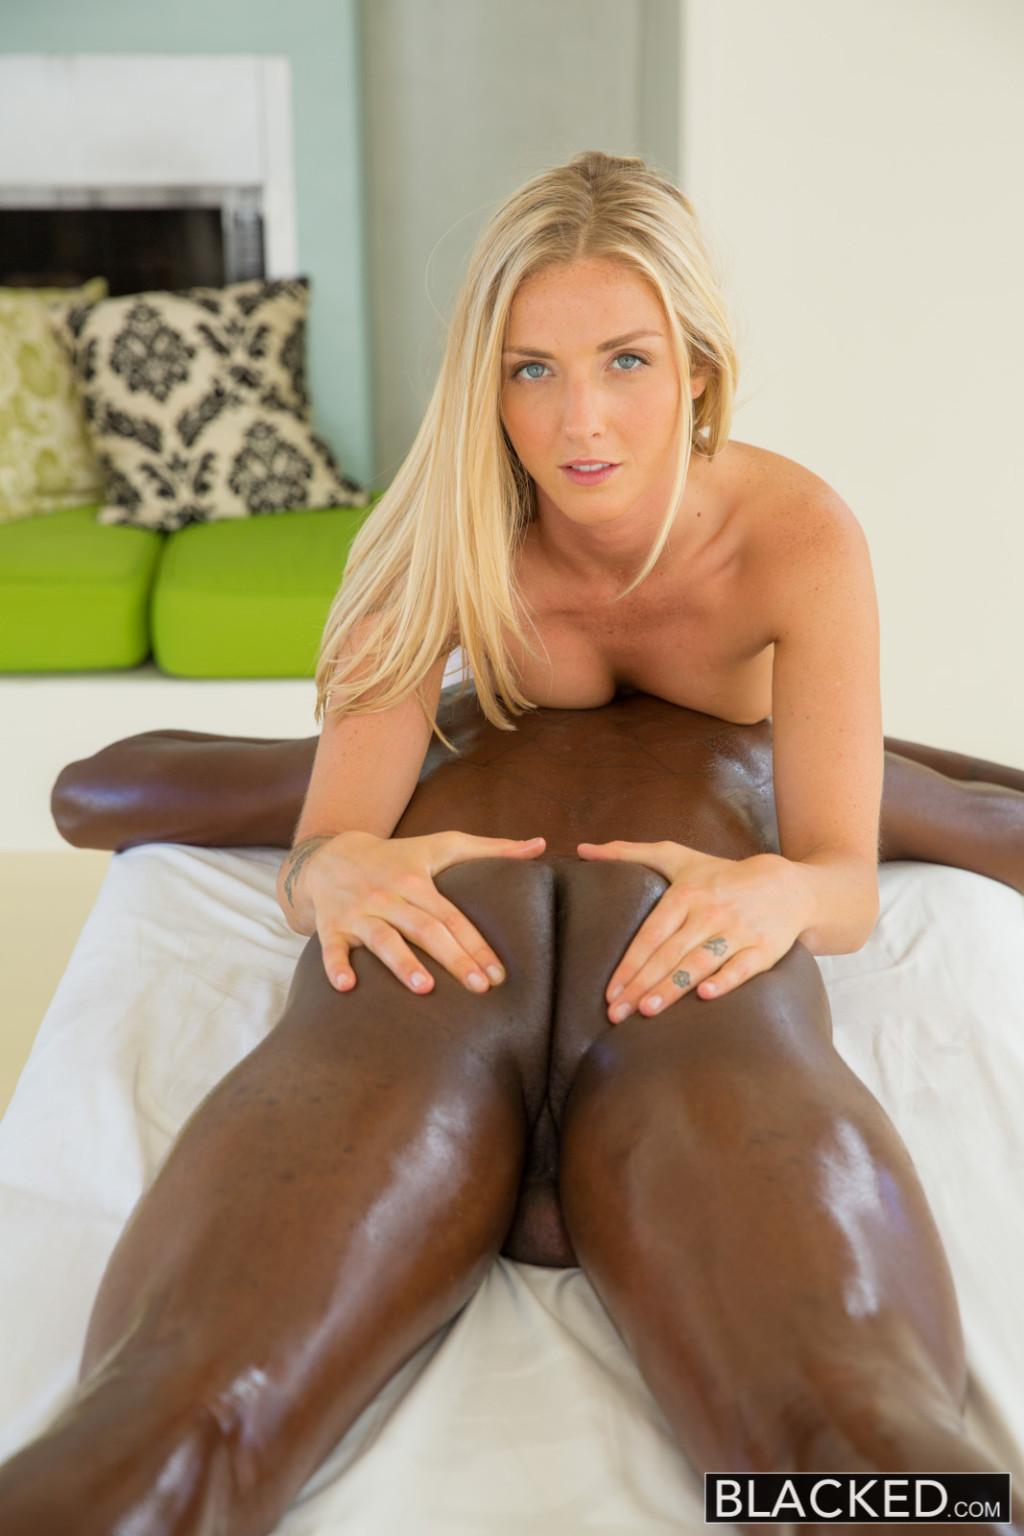 Блондинка делает отменный минет негру, а затем подставляет свою пизденку для огромного члена